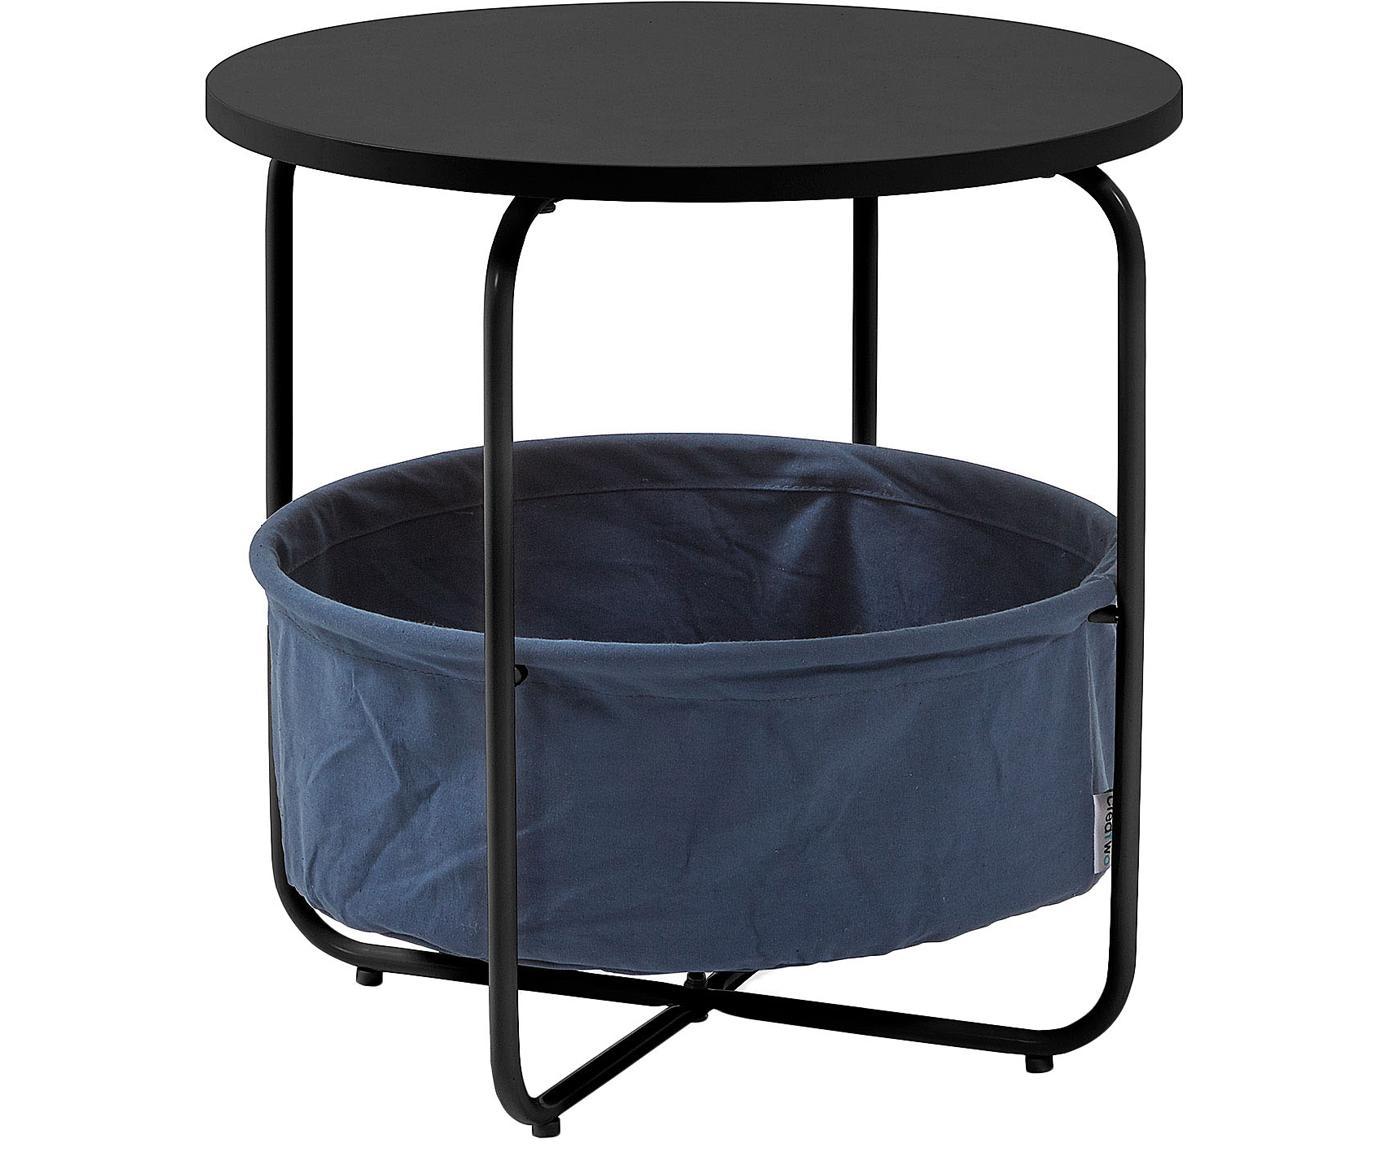 Okrągły stolik pomocniczy Specter, Blat: płyta pilśniowa średniej , Stelaż: metal lakierowany, Czarny, ciemny niebieski, Ø 42 x W 43 cm